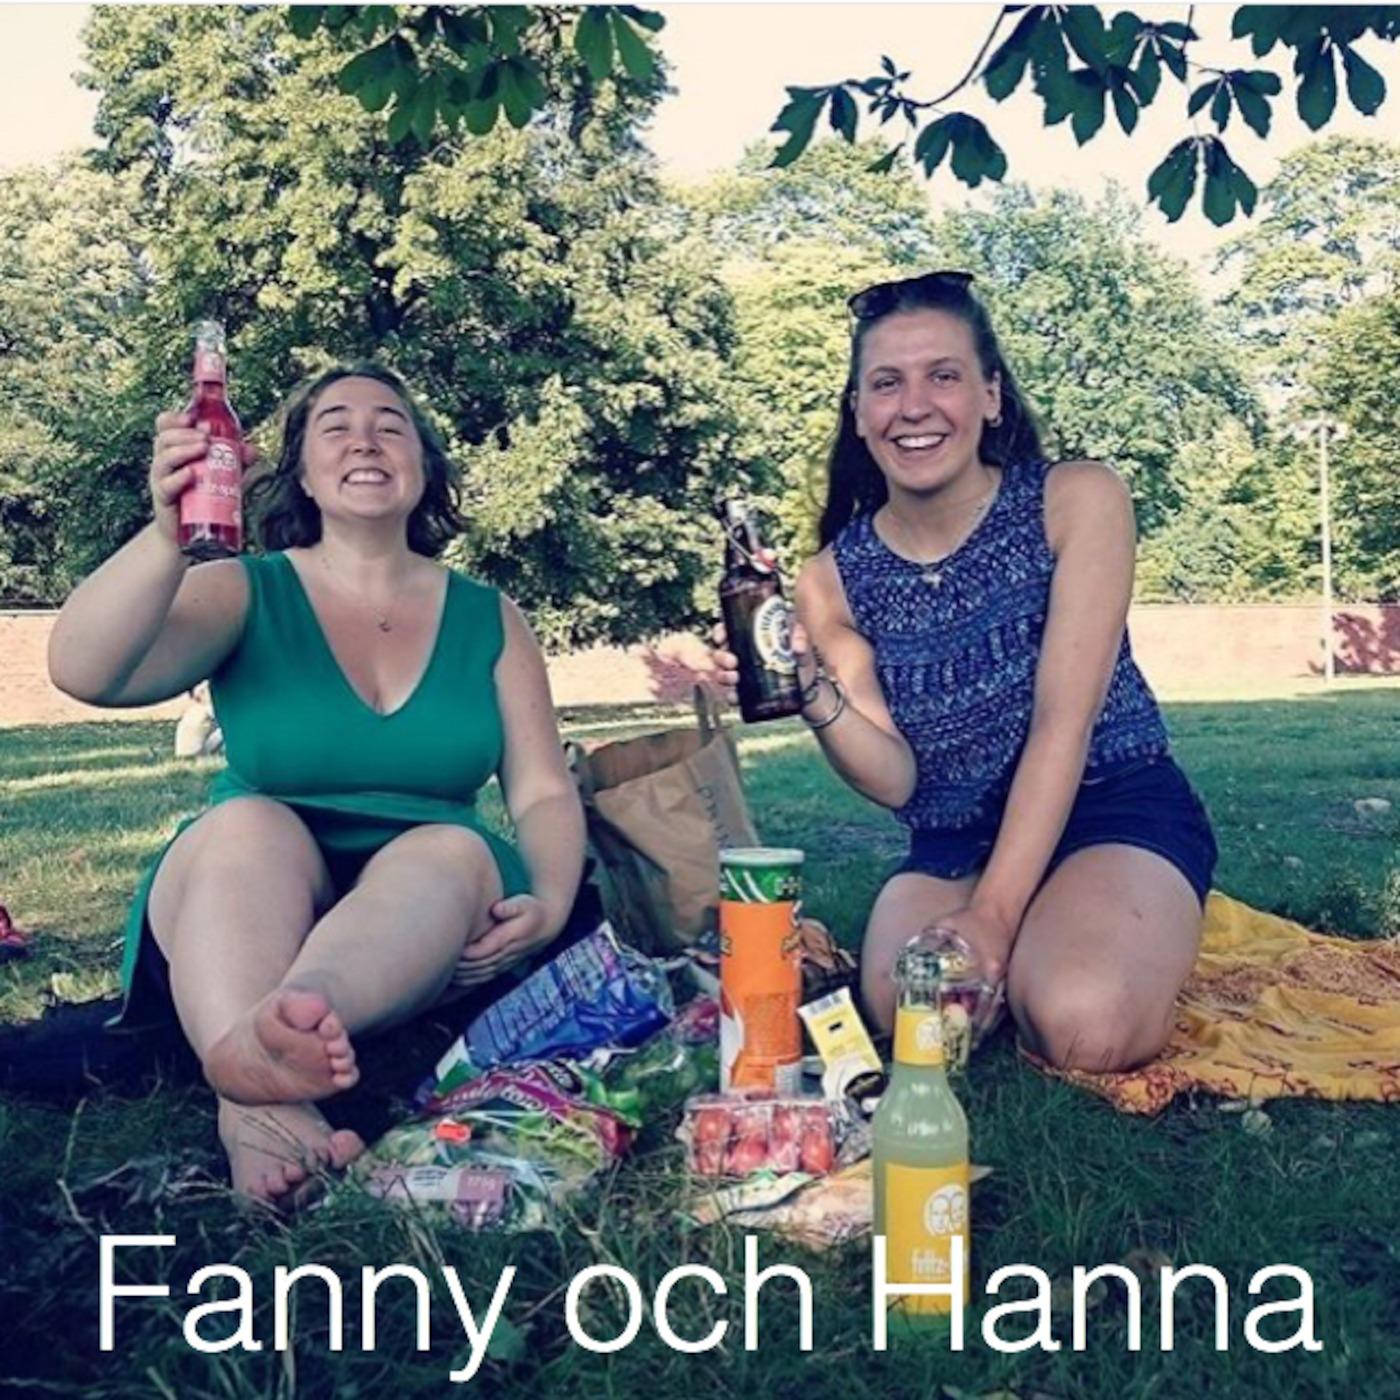 FannyochHanna's Podcast